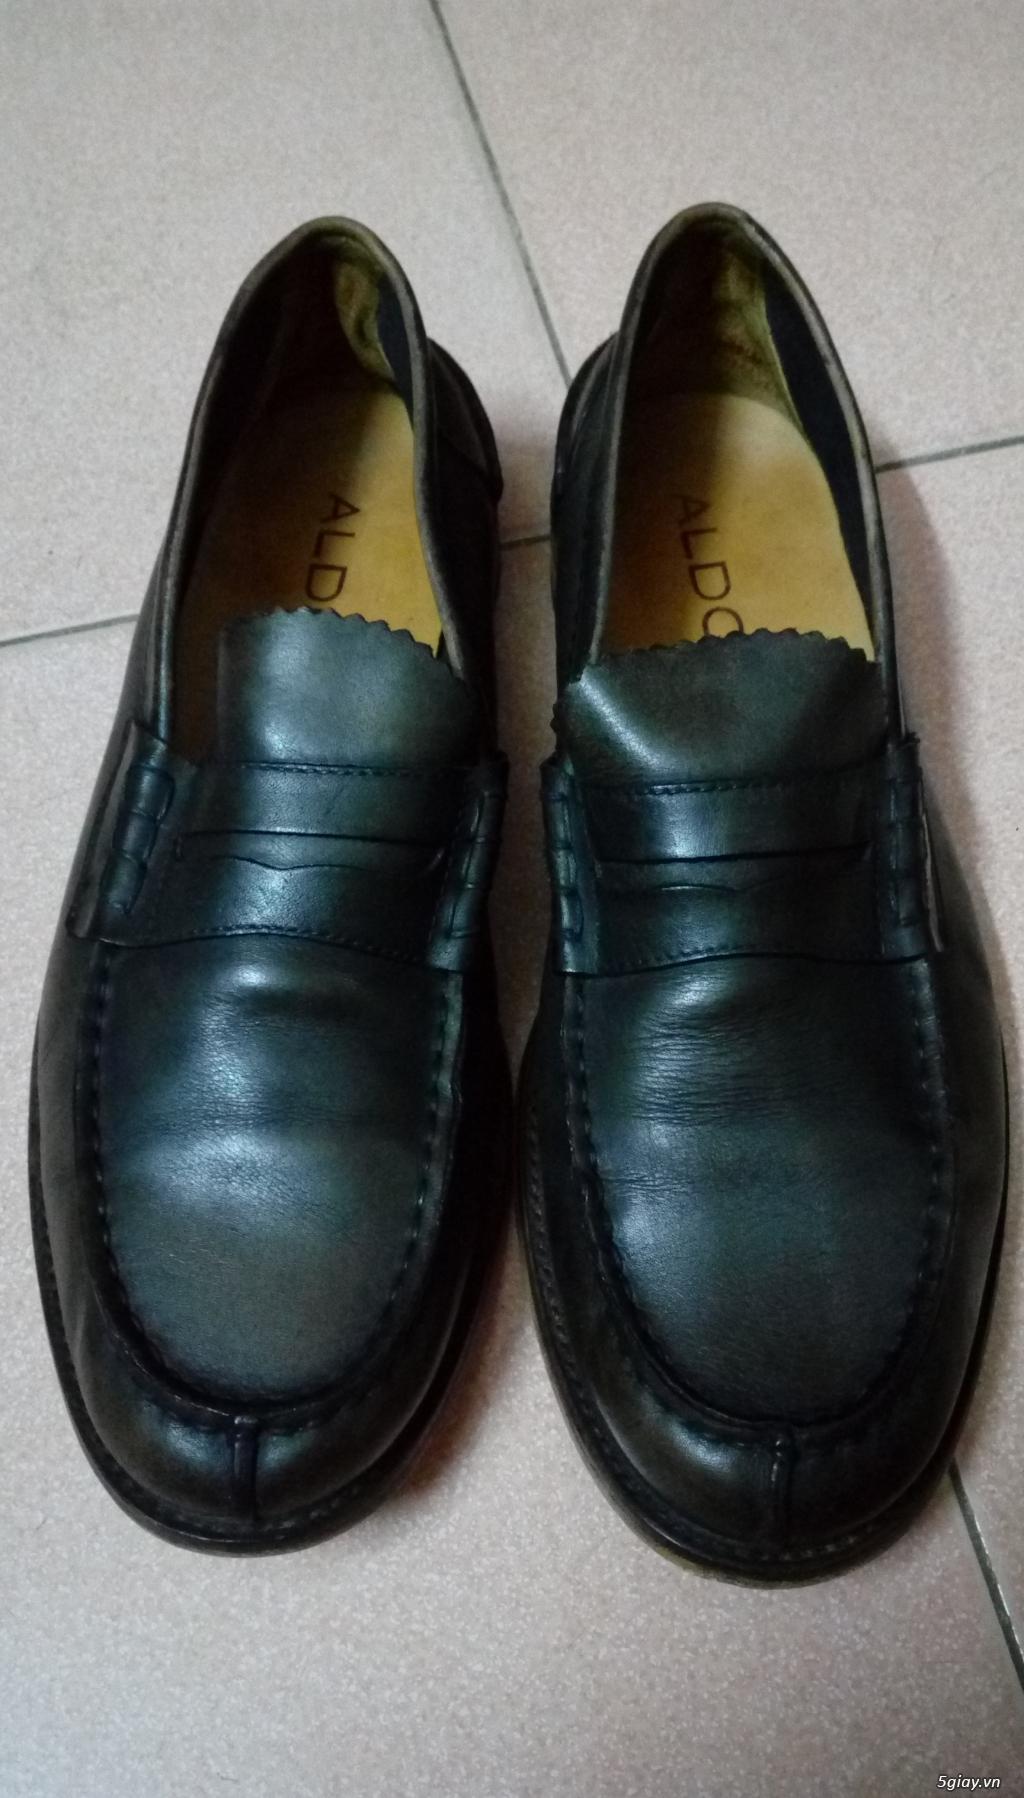 Vài đôi giày cũ giày hiệu  chính hãng còn đẹp và tốt 100% - 13